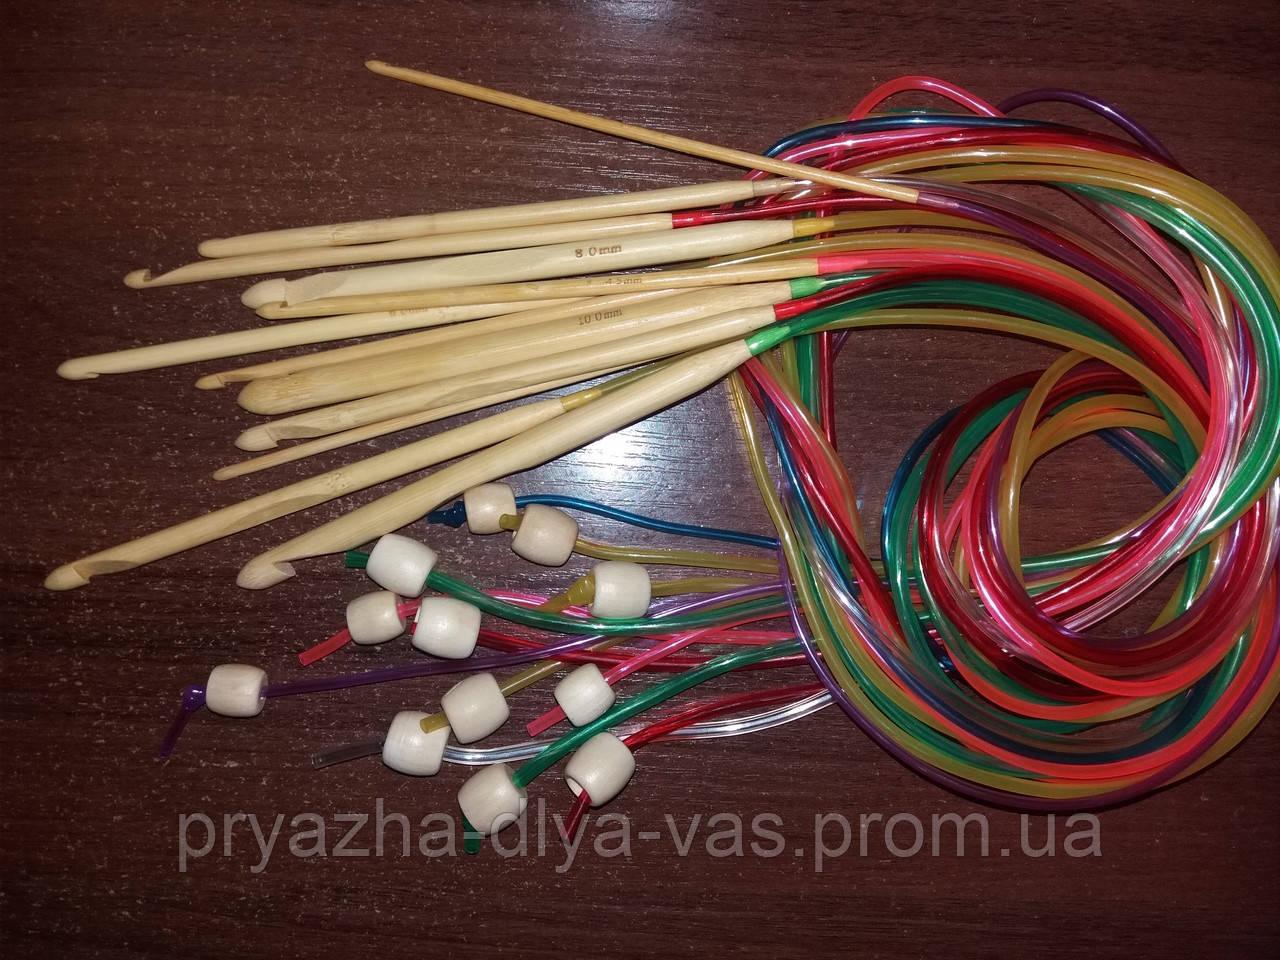 крючок для тунисского вязания бамбуковый 30 цена 20 грн купить